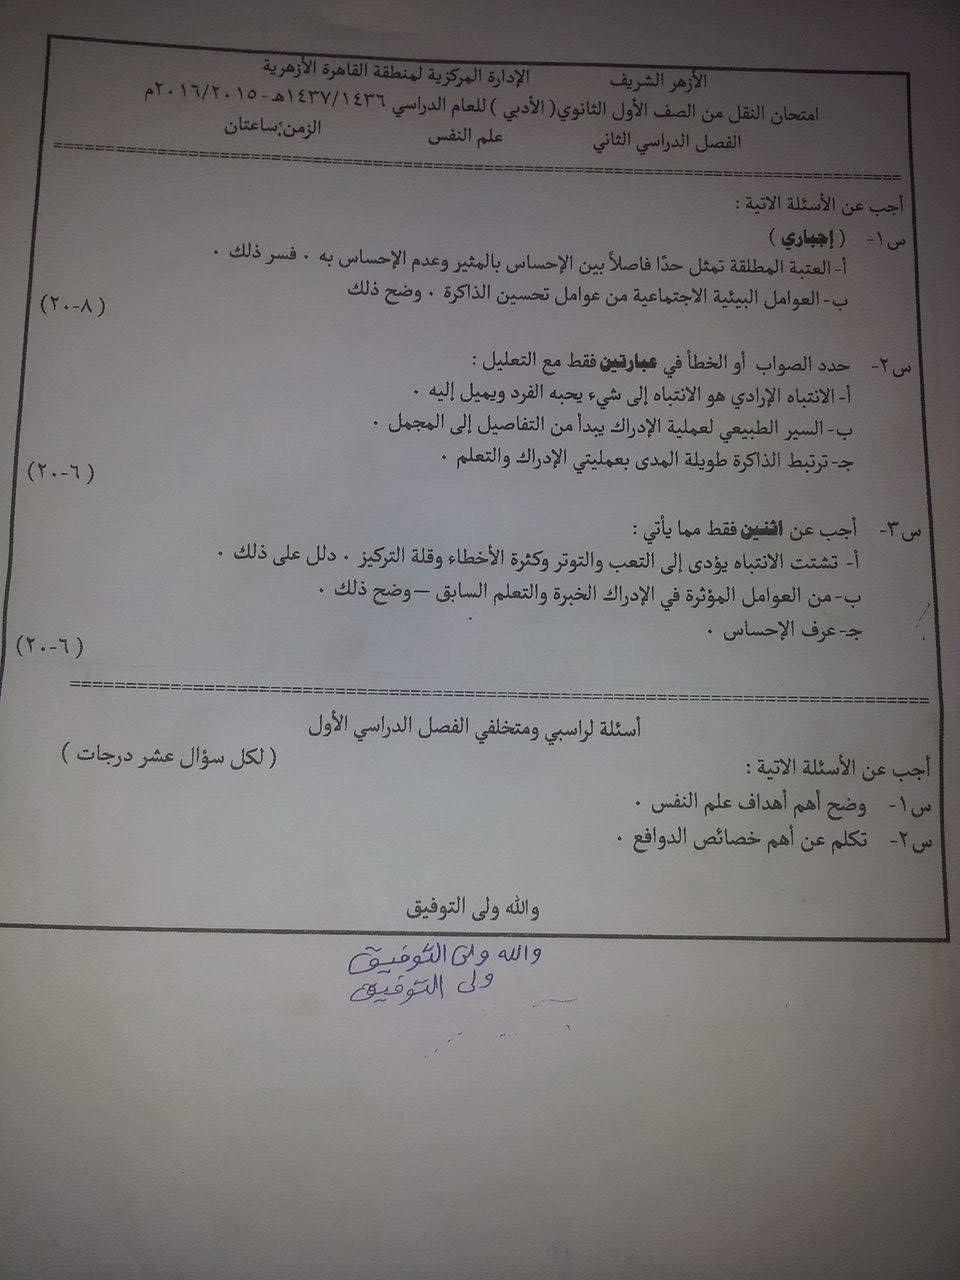 ورقة امتحان علم نفس ازهر القاهرة للصف الثانى الثانوى الترم الثانى 2016